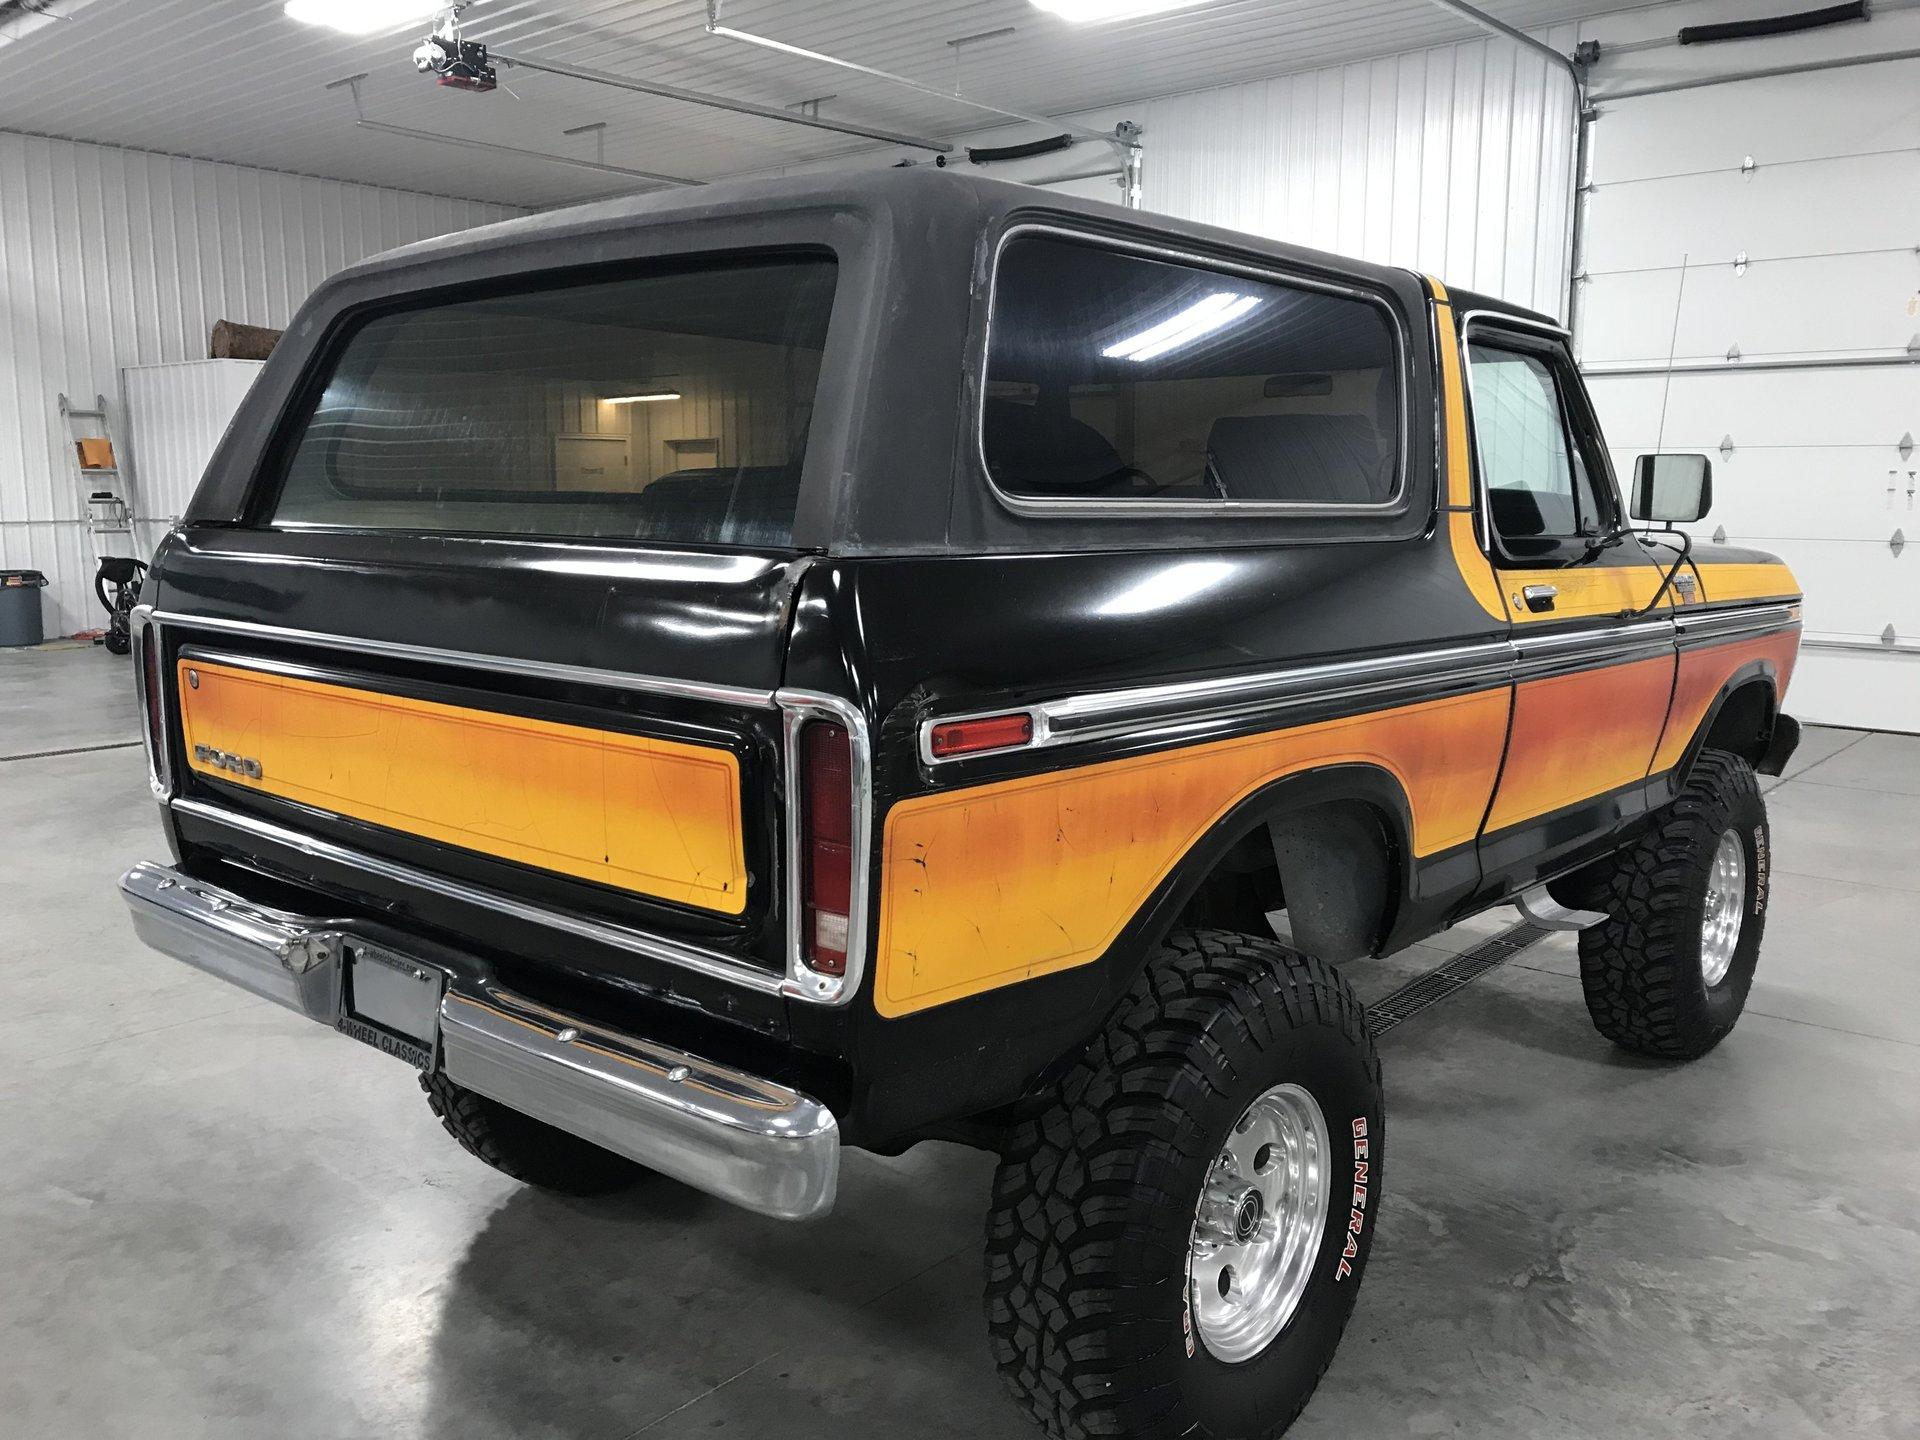 1979 ford bronco for sale 68133 mcg. Black Bedroom Furniture Sets. Home Design Ideas